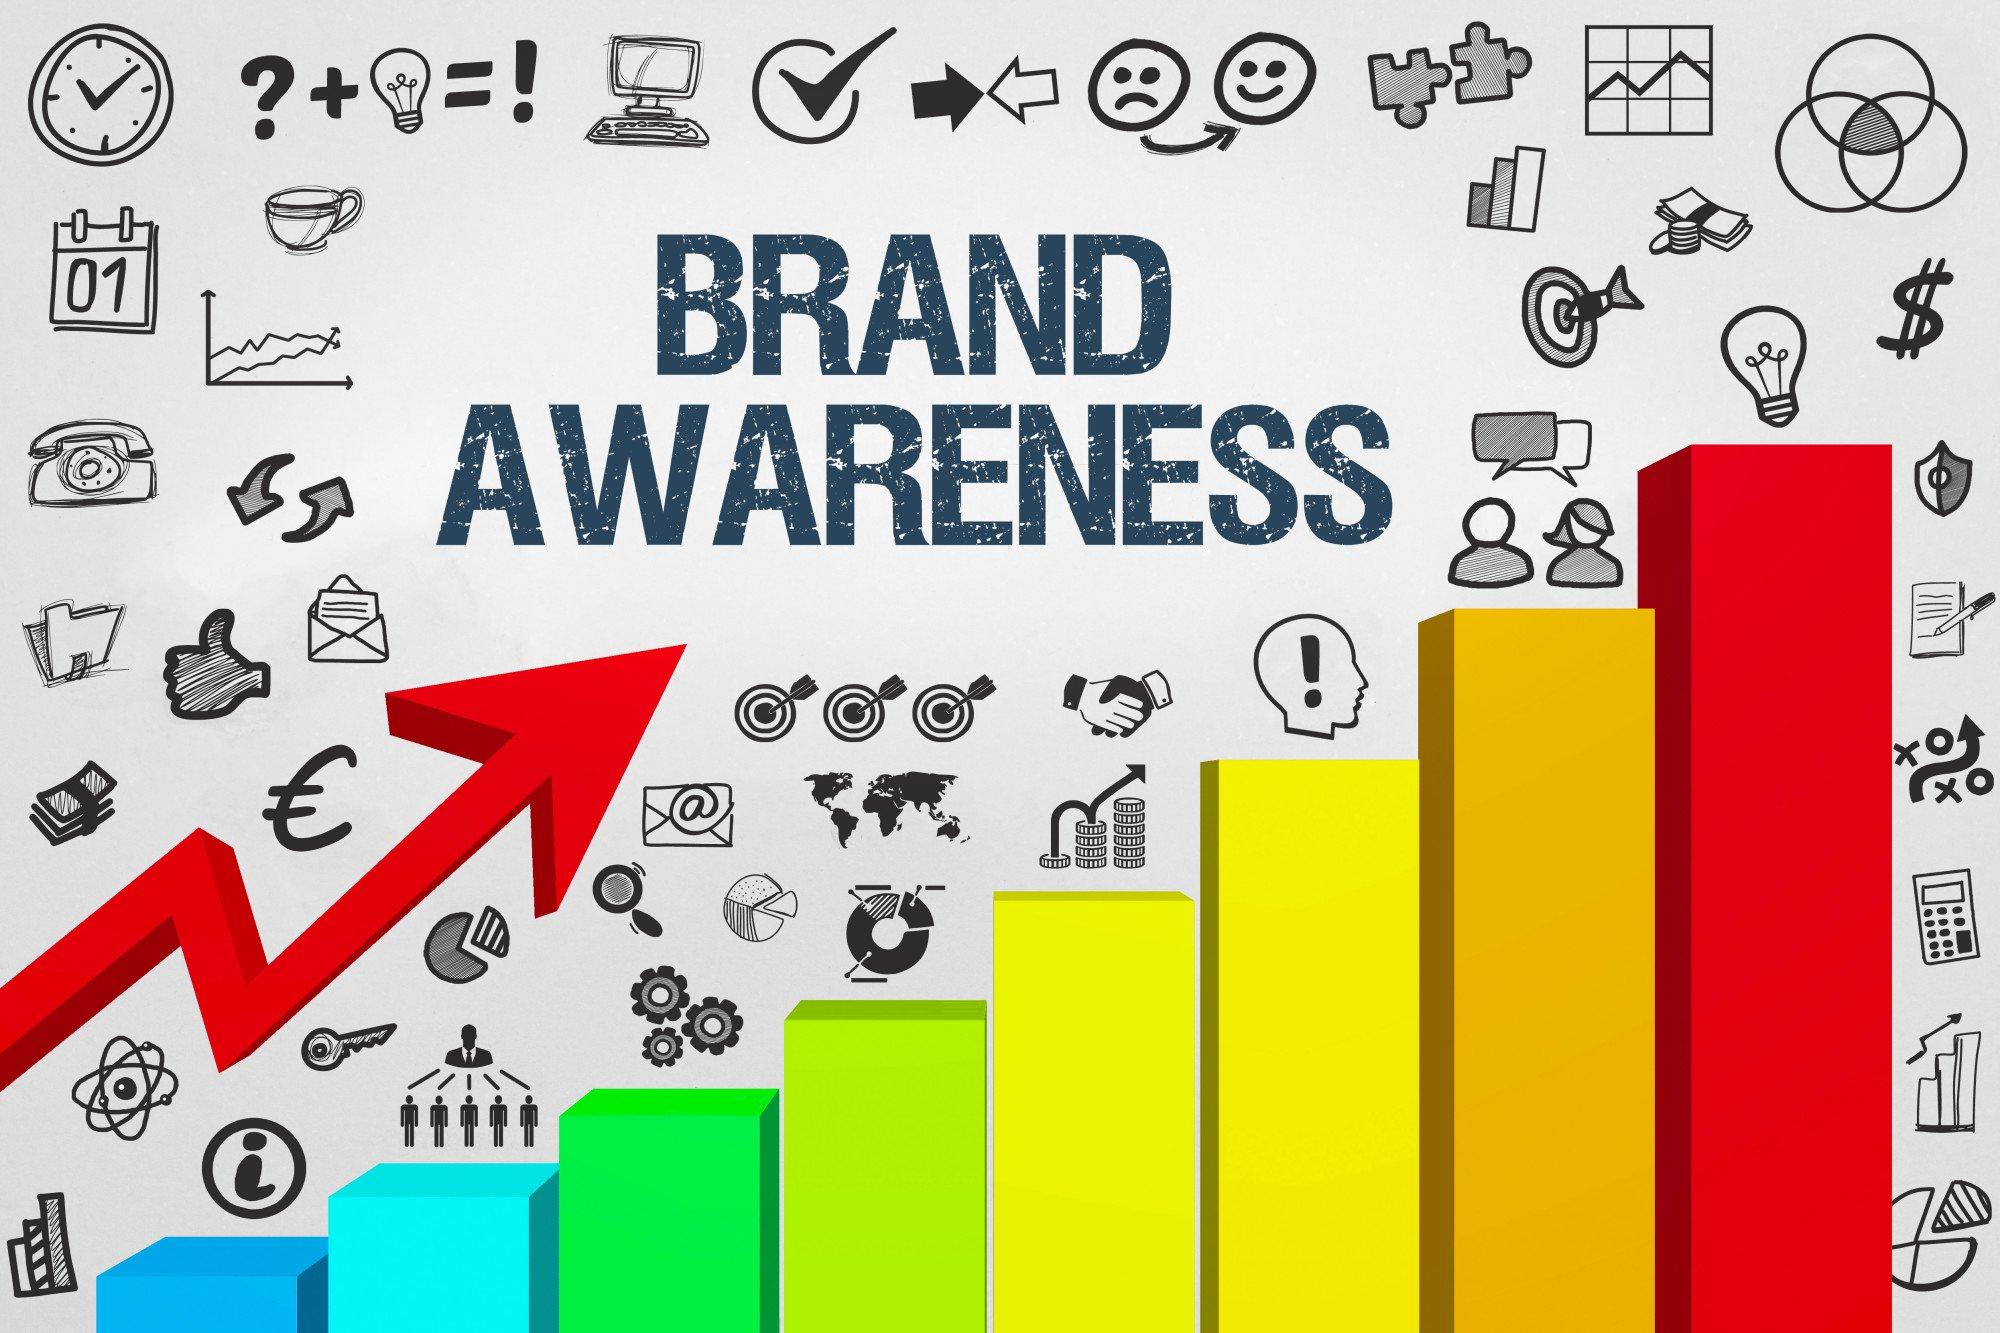 Ways to Increase Brand Awareness through Advertising